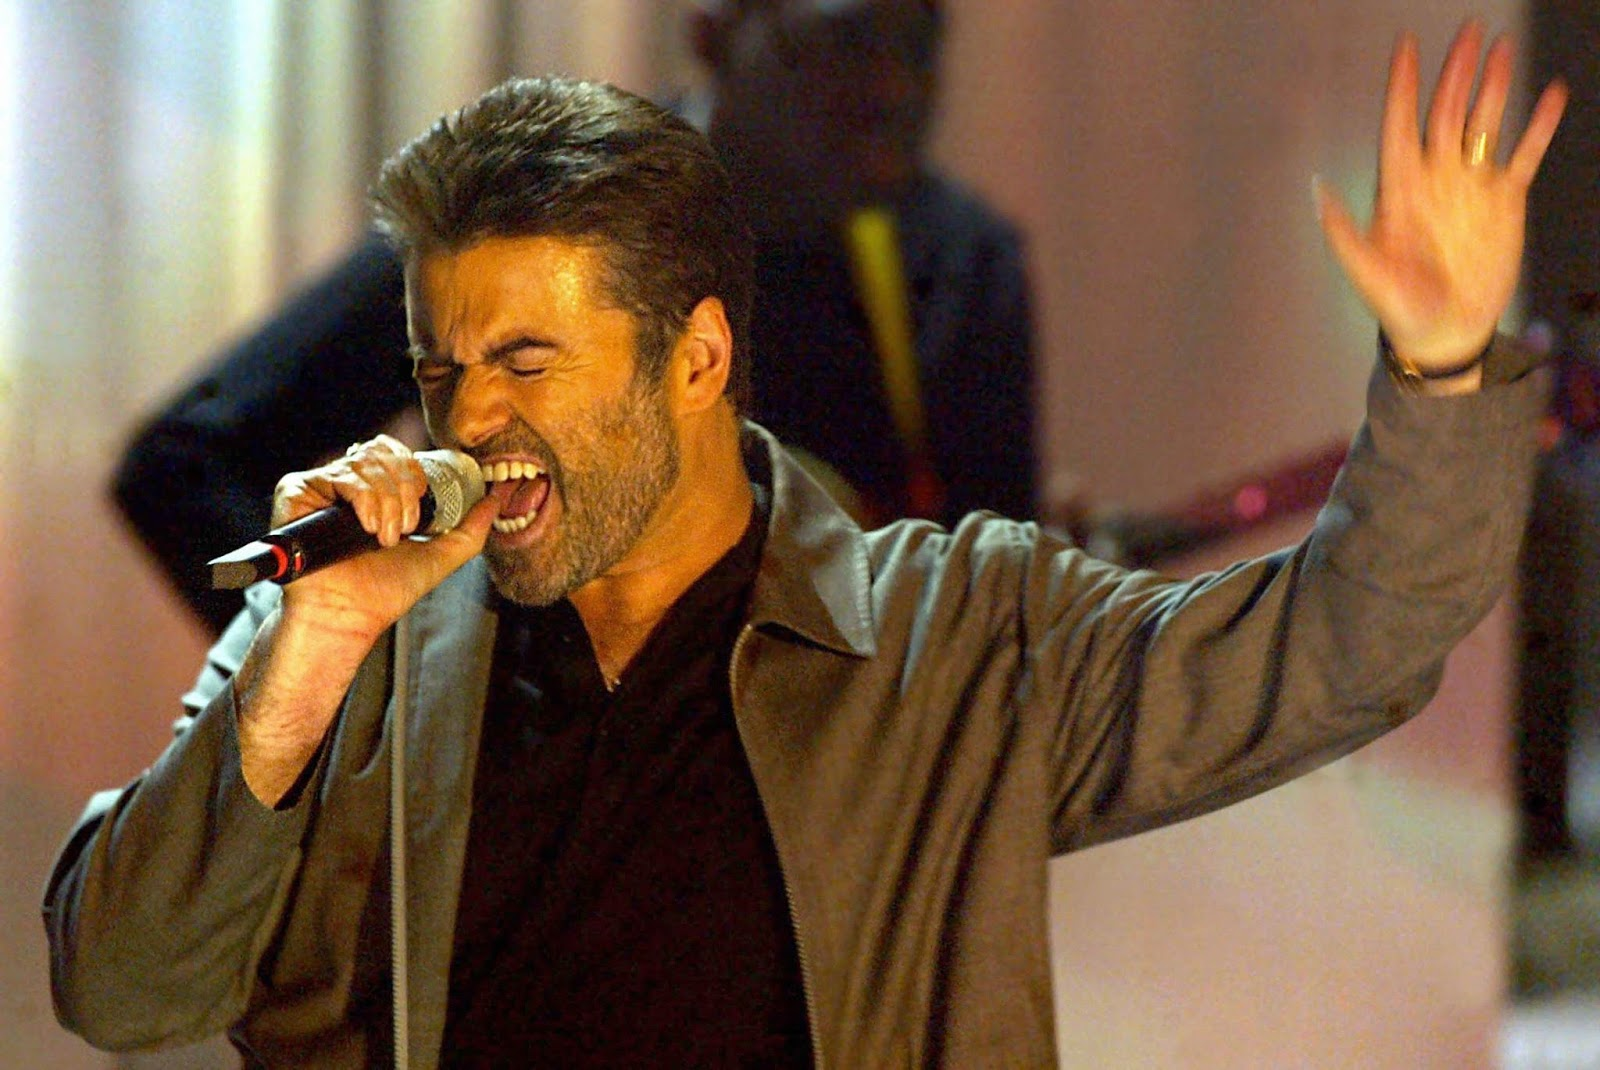 George Michael Dies At 53, My 5 Favorite \'80s Songs In Tribute ...